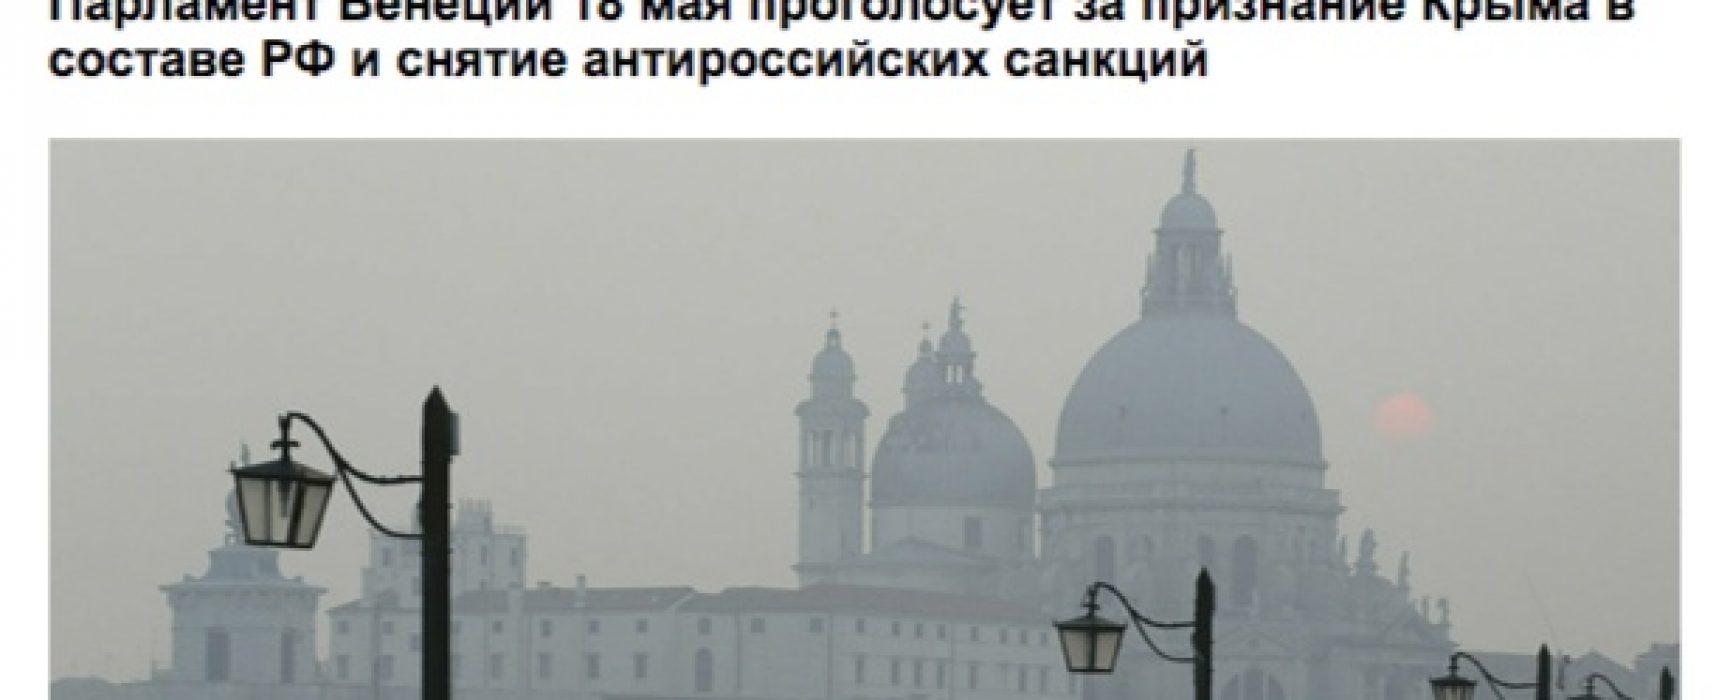 Фейк: Венеция объявит Крым частью России